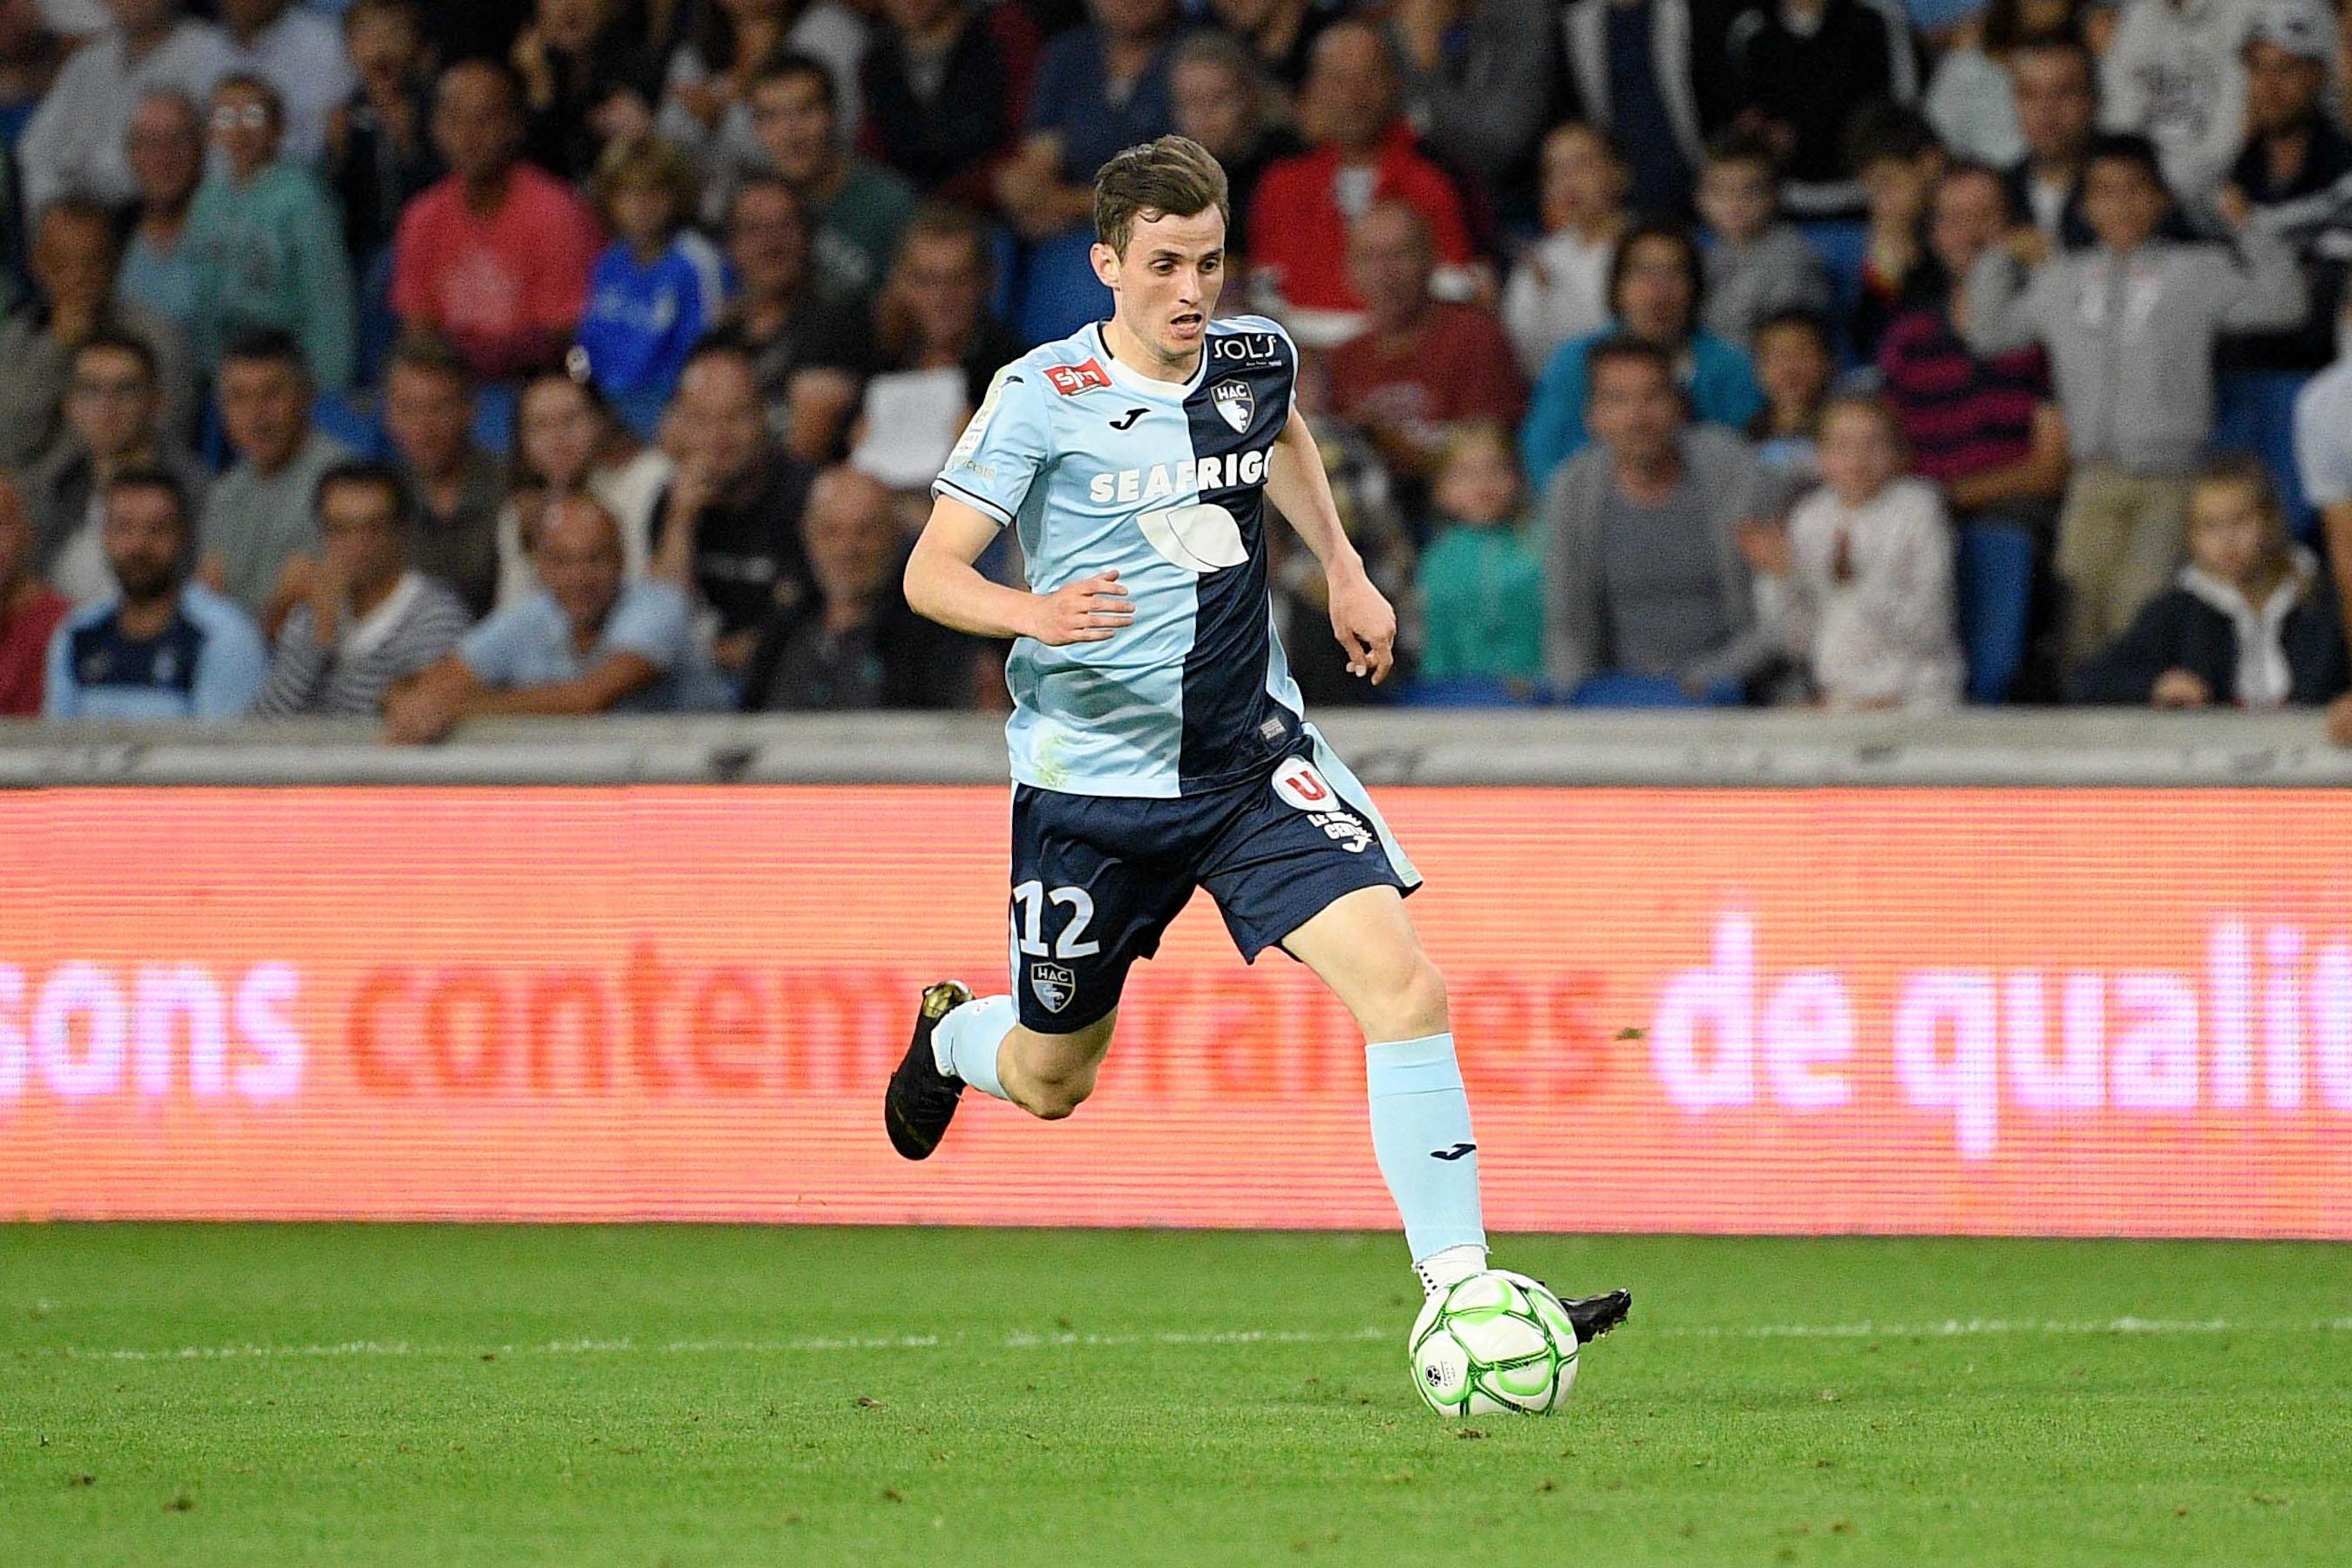 Football - Ligue 2 - Ligue 2 : les scores de la 8e journée en direct